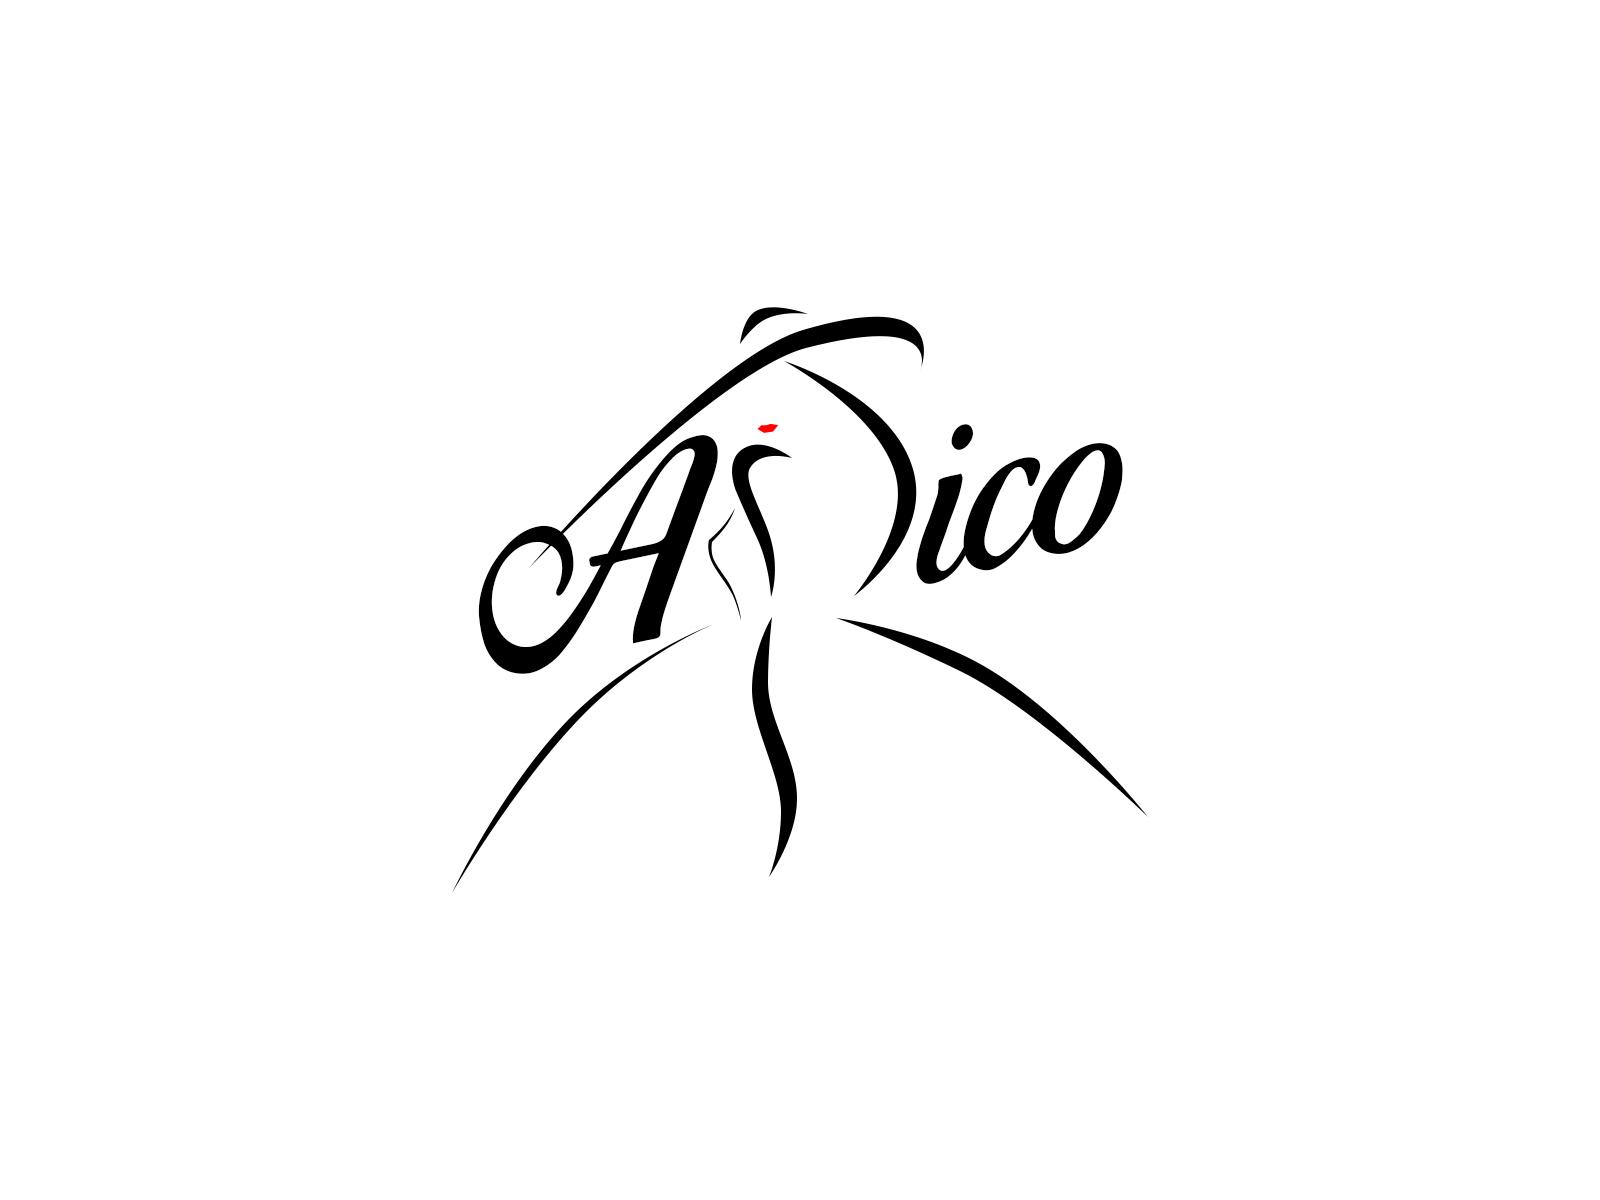 Логотип для брендовой пряжи и трикотажной одежды фото f_72660089855a4648.jpg